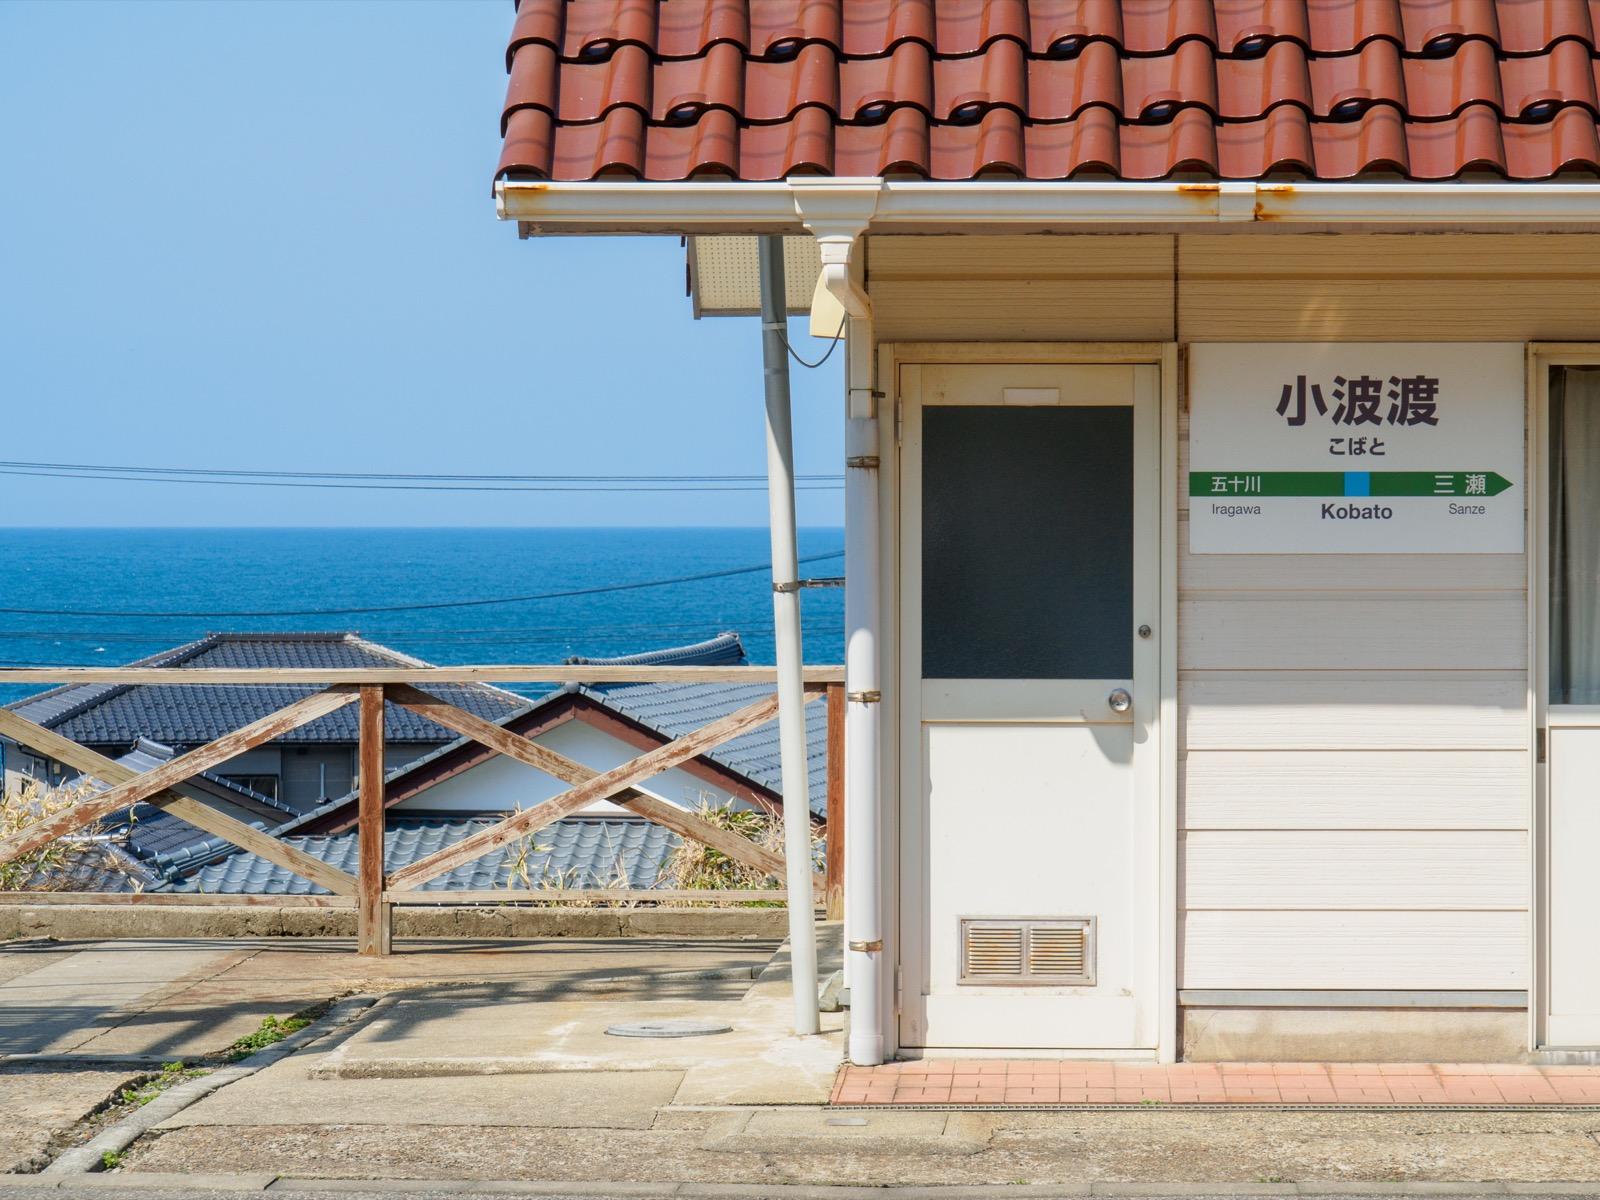 小波渡駅の駅舎と日本海